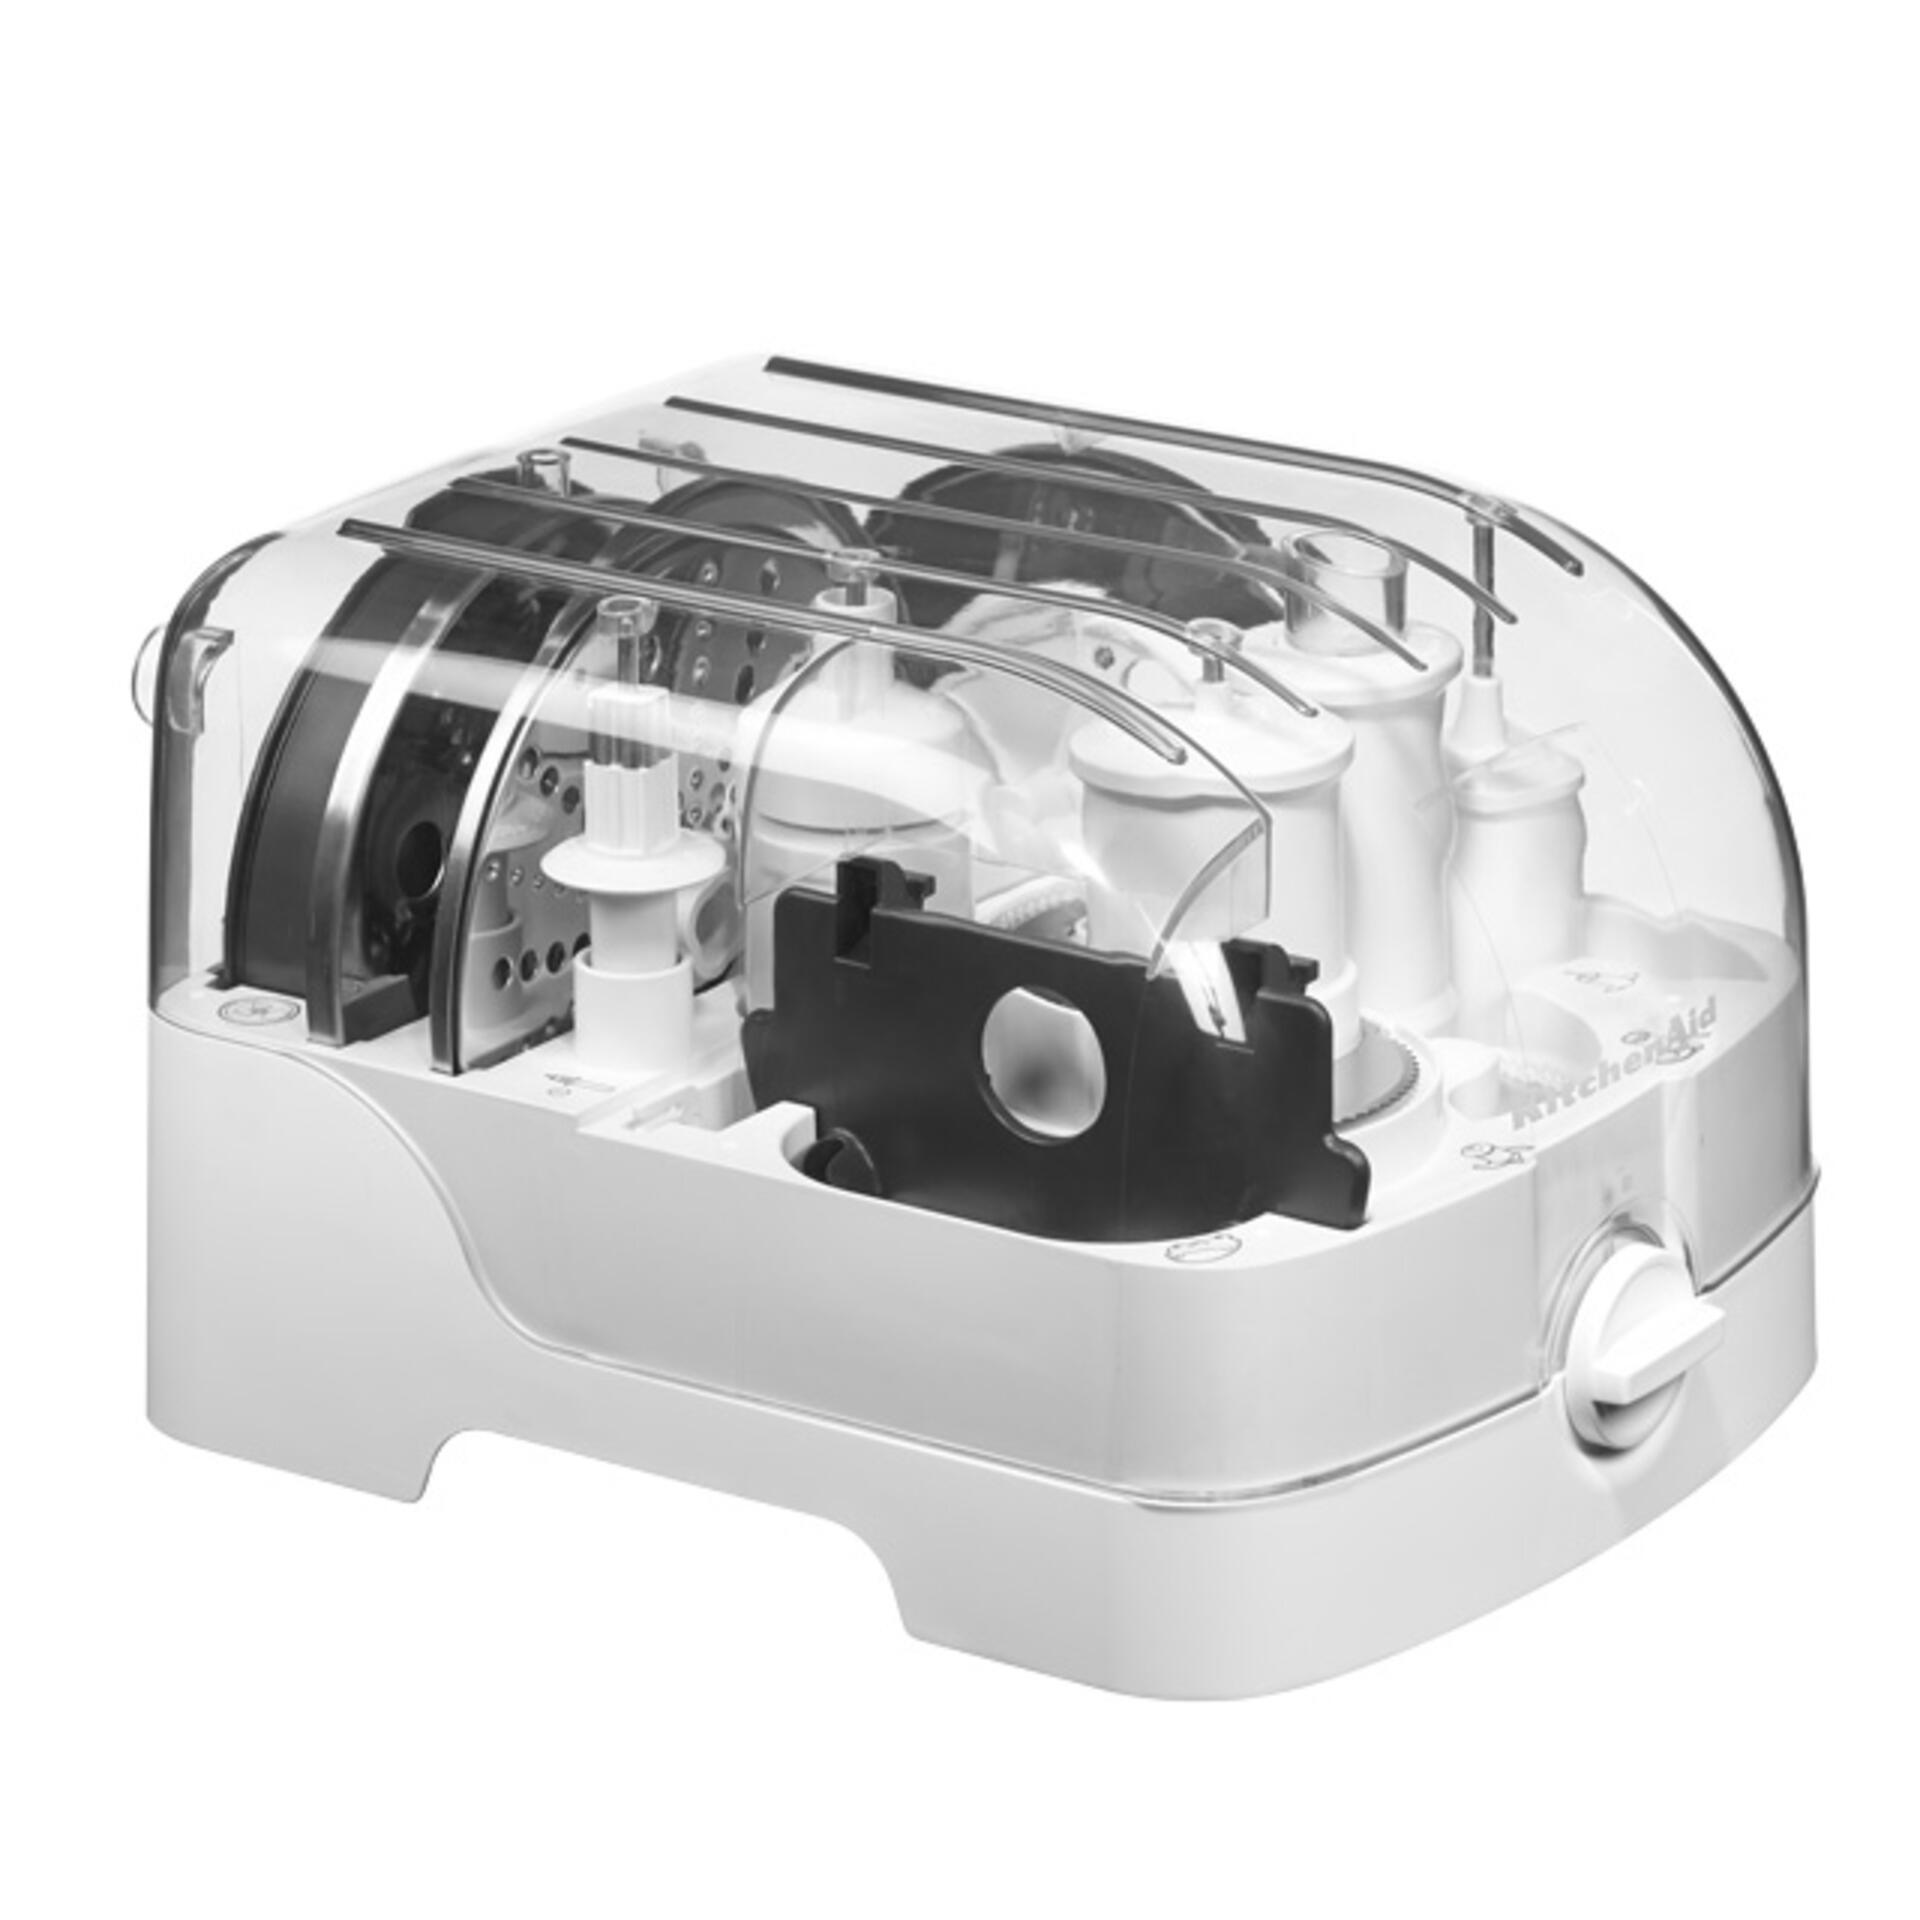 Kitchenaid Food-Processor 4L Onyx Schwarz 5KFP1644EOB